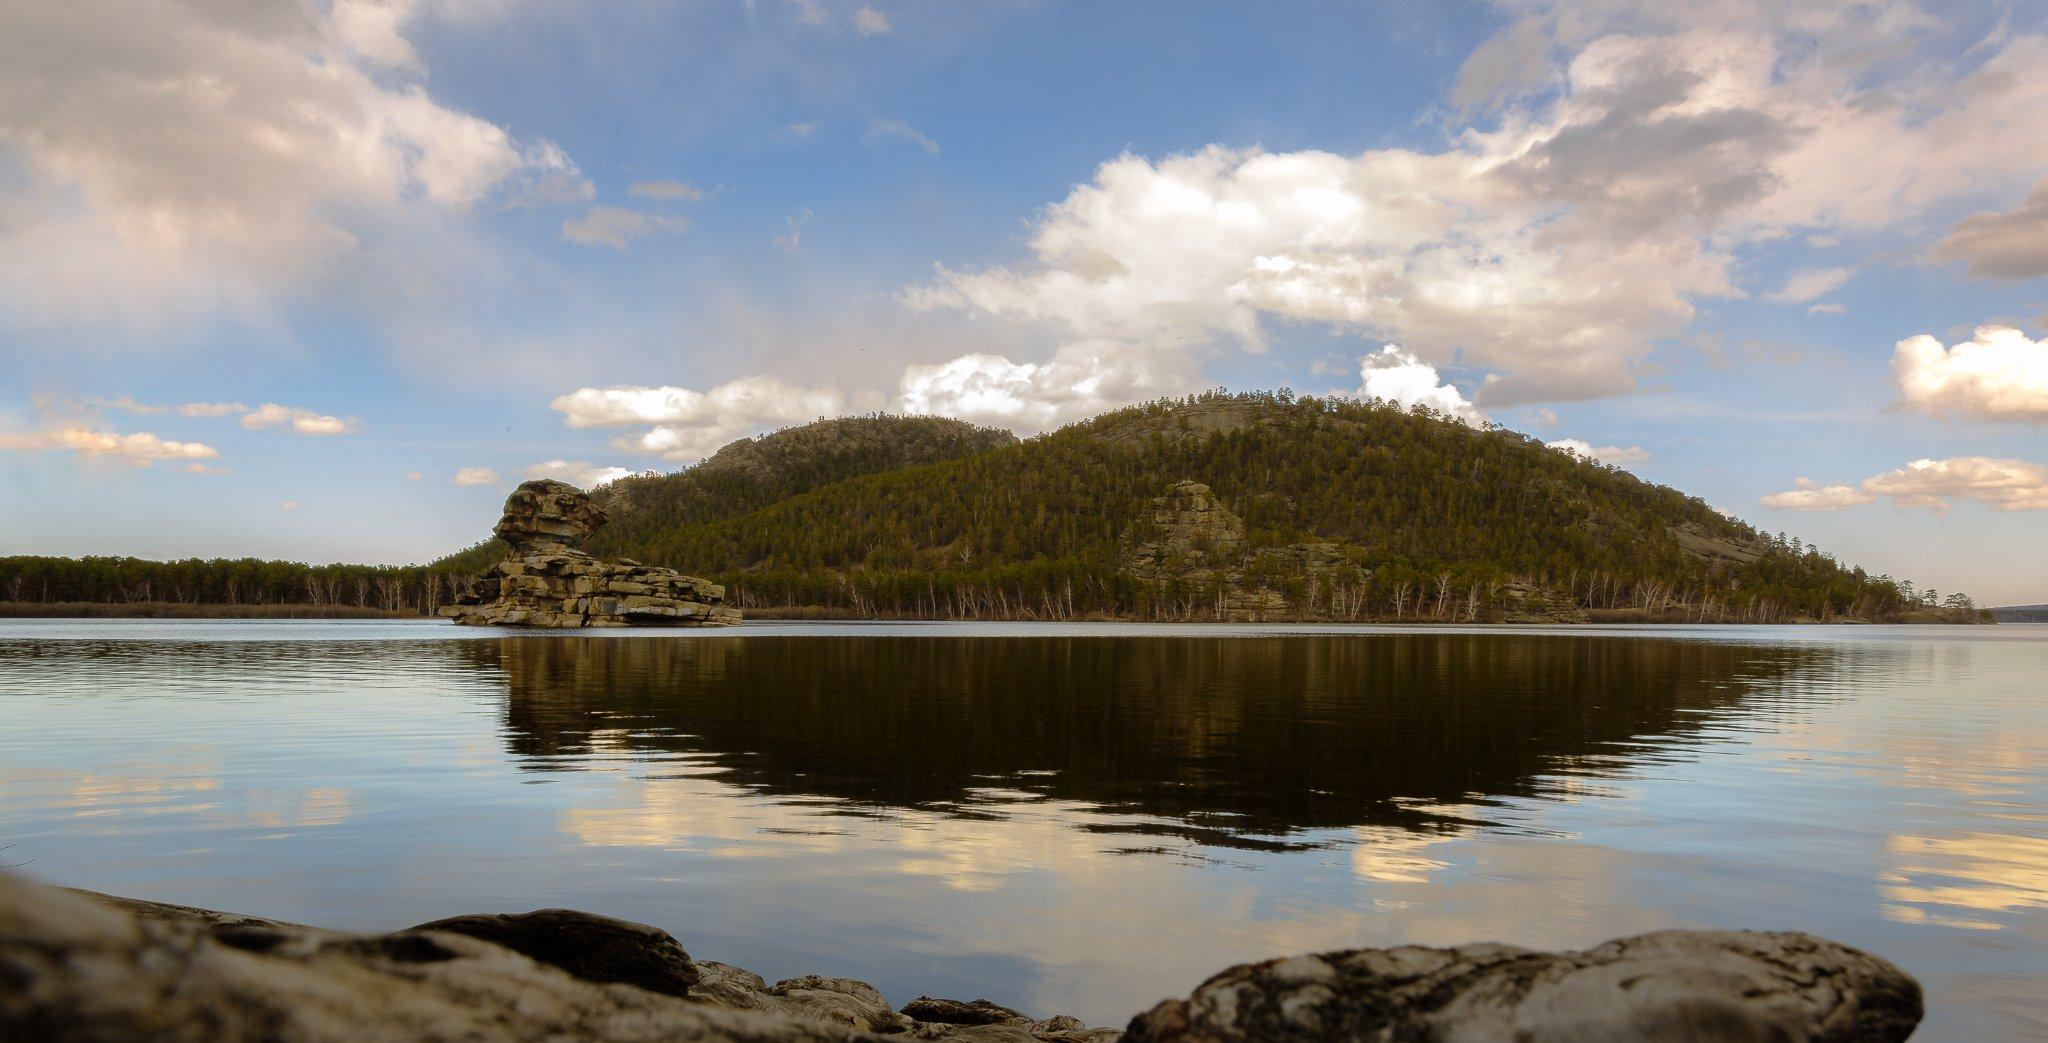 природа, озеро, пейзаж, отражение, вода, небо, пейзажи, на открытом воздухе, гора, синий, лес, красота в природе, дерево, лето, облако - небо, спокойная сцена, закат, путешествия, скала - объект, облачный пейзаж,, Павел Ребрук